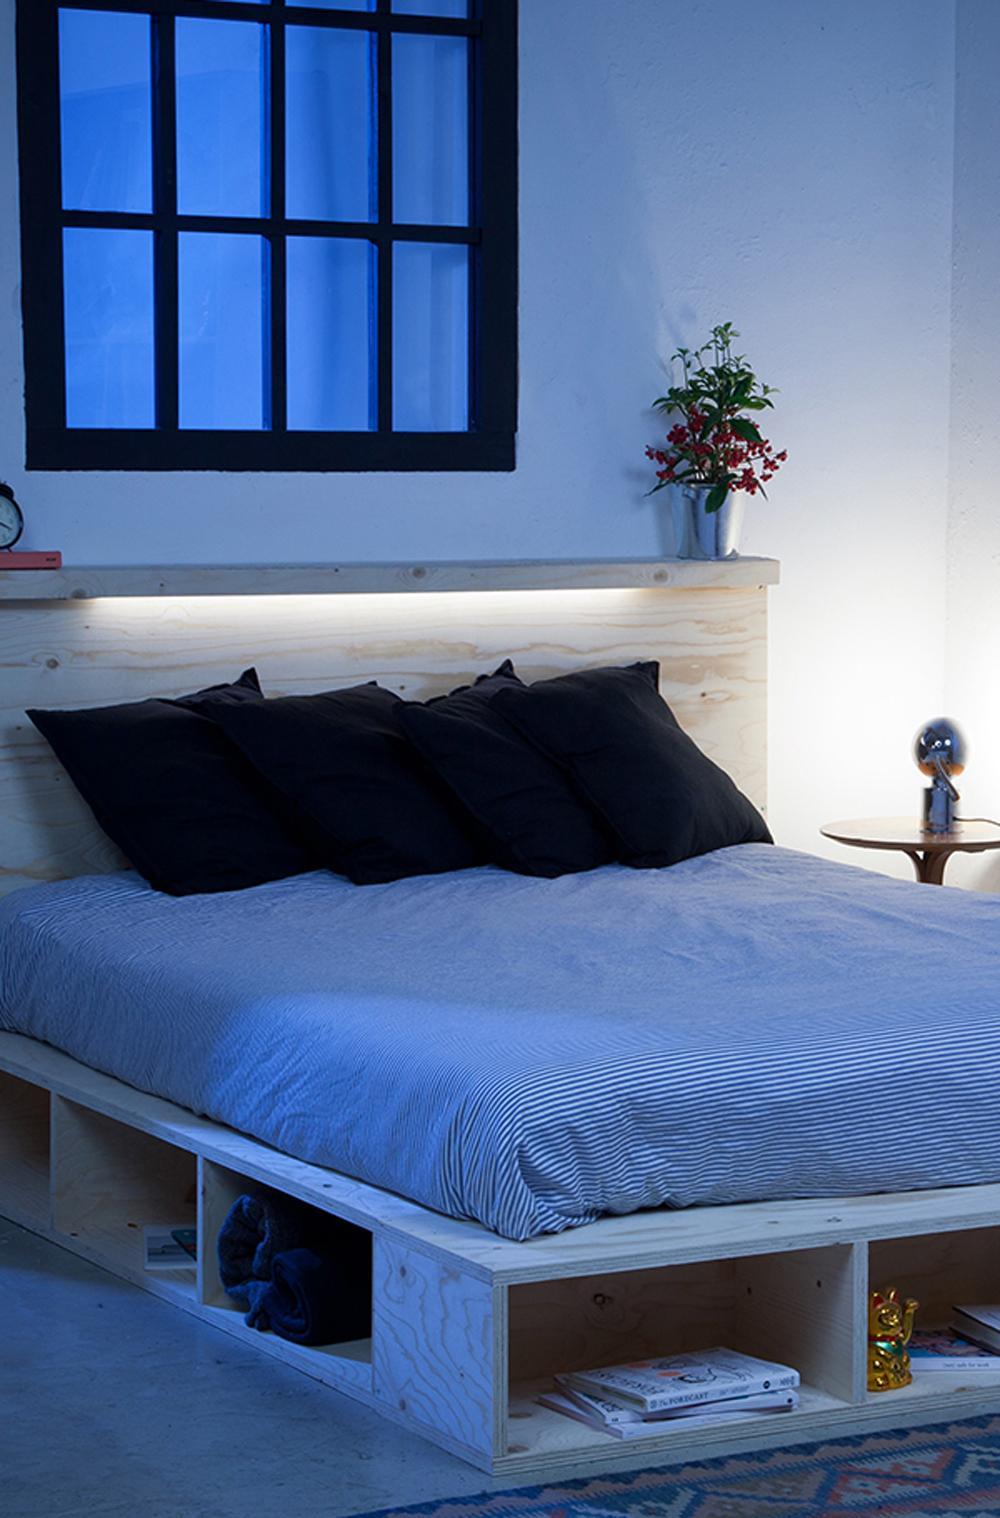 Full Size of Günstige Betten Ausgefallene Wohnwert Kaufen Günstig Günstiges Sofa Rauch 140x200 Ohne Kopfteil Französische Ikea 160x200 Massivholz 180x200 Ebay Massiv Bett Günstige Betten